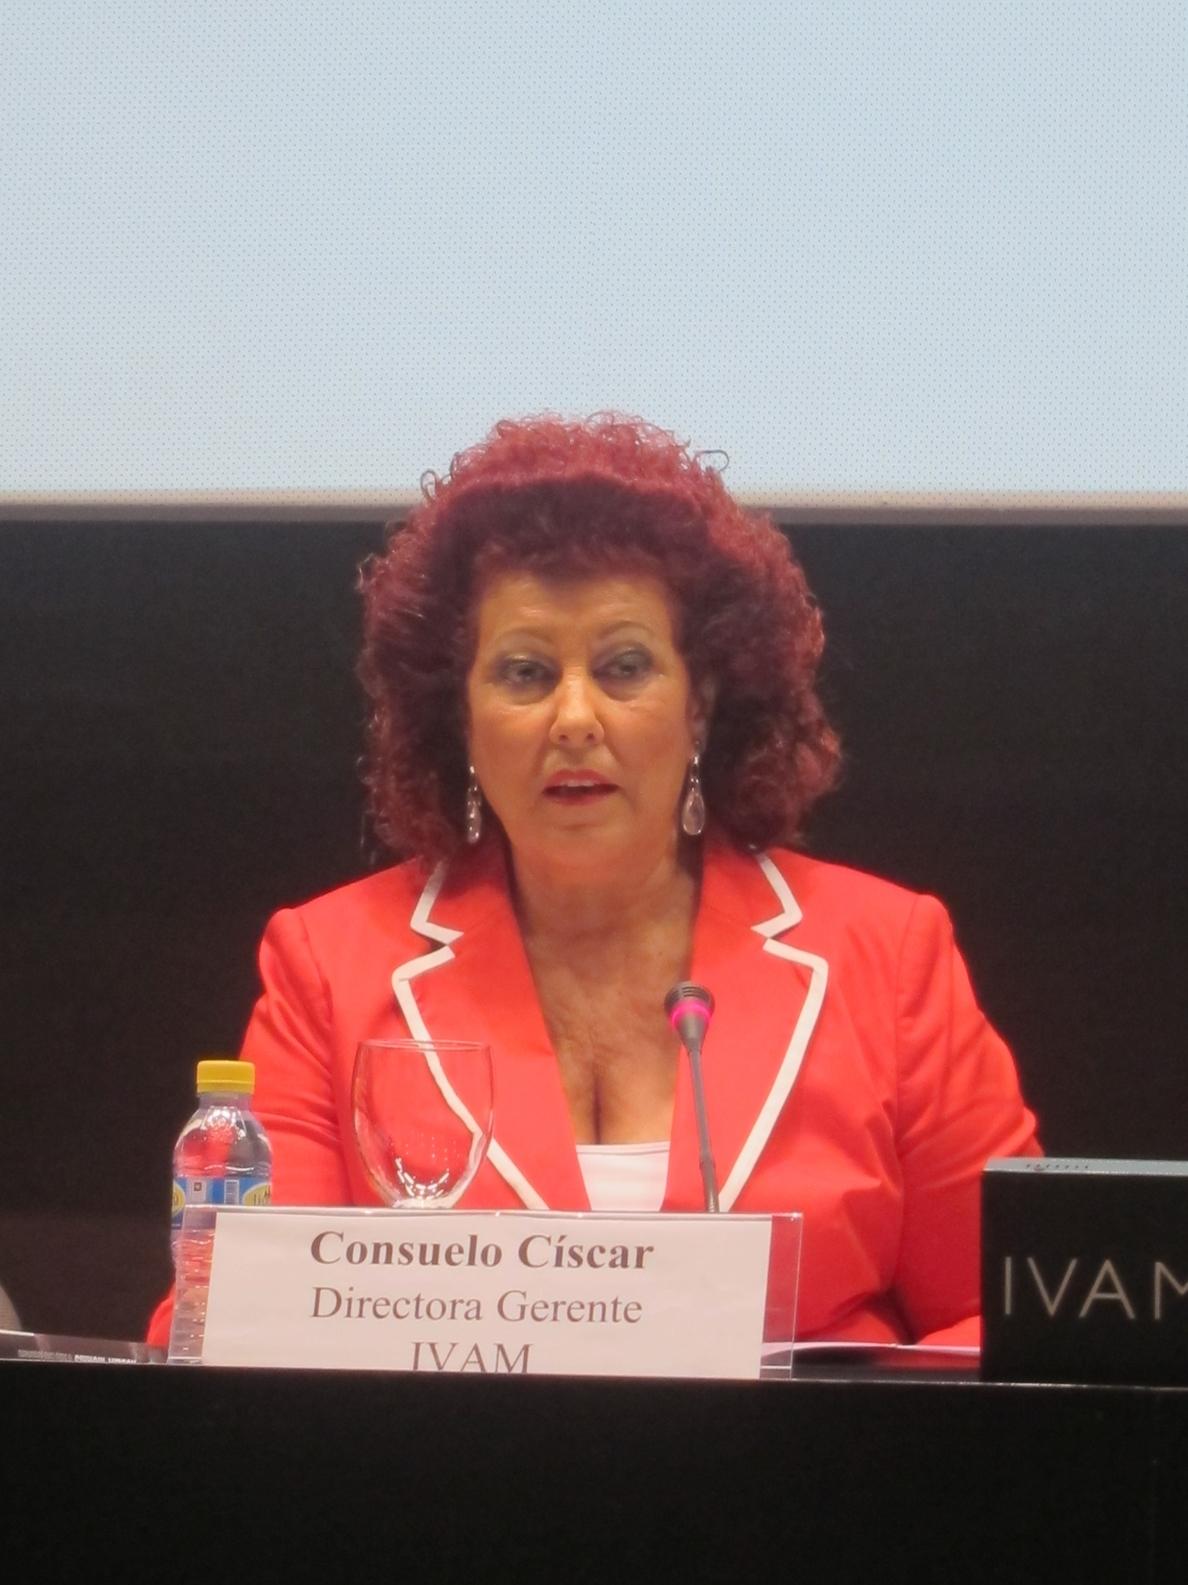 Consejo Rector del IVAM ratificará el 29 de abril el cese de Ciscar y abrirá la selección de nuevo director